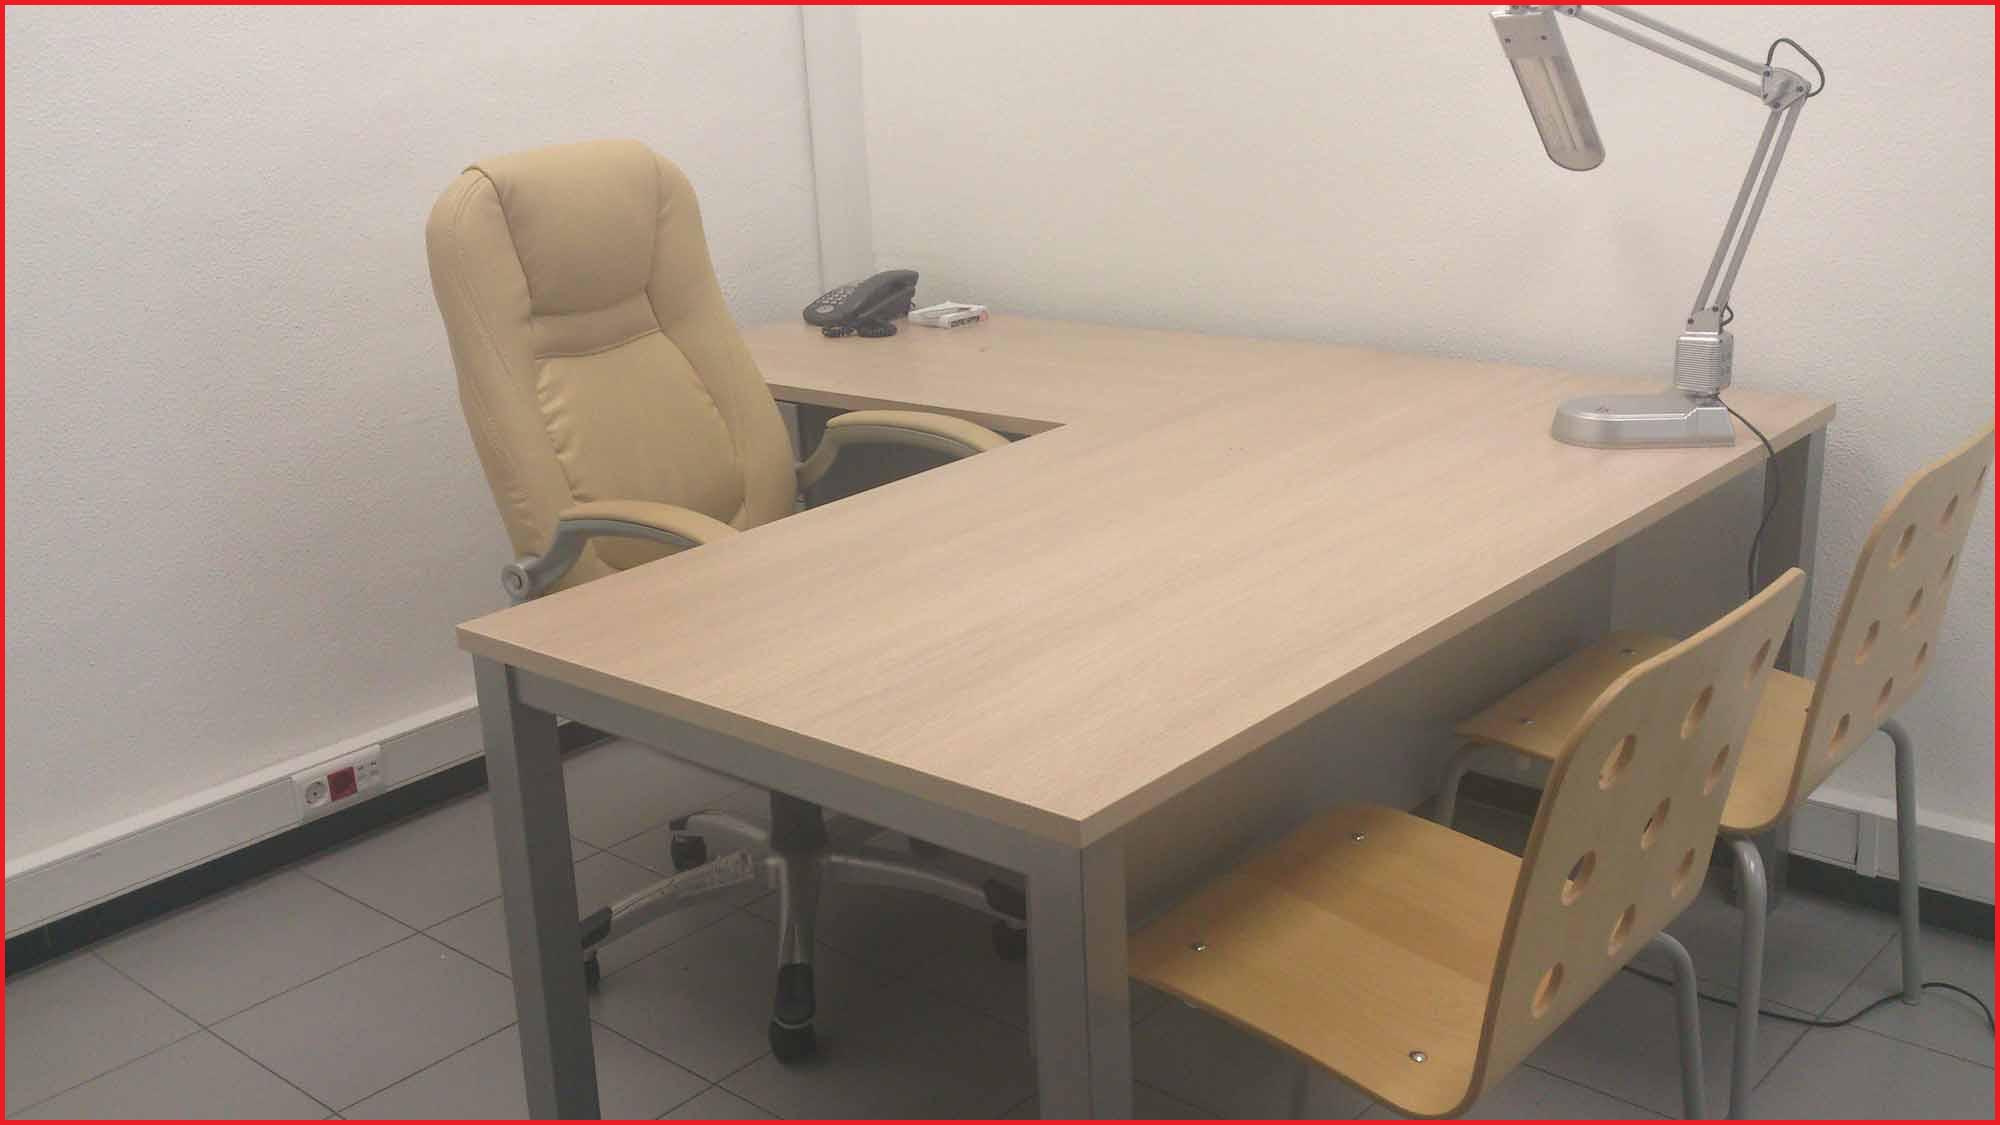 Muebles De Oficina De Segunda Mano 9fdy Mueble Oficina Segunda Mano Mesas Icina Segunda Mano Tag